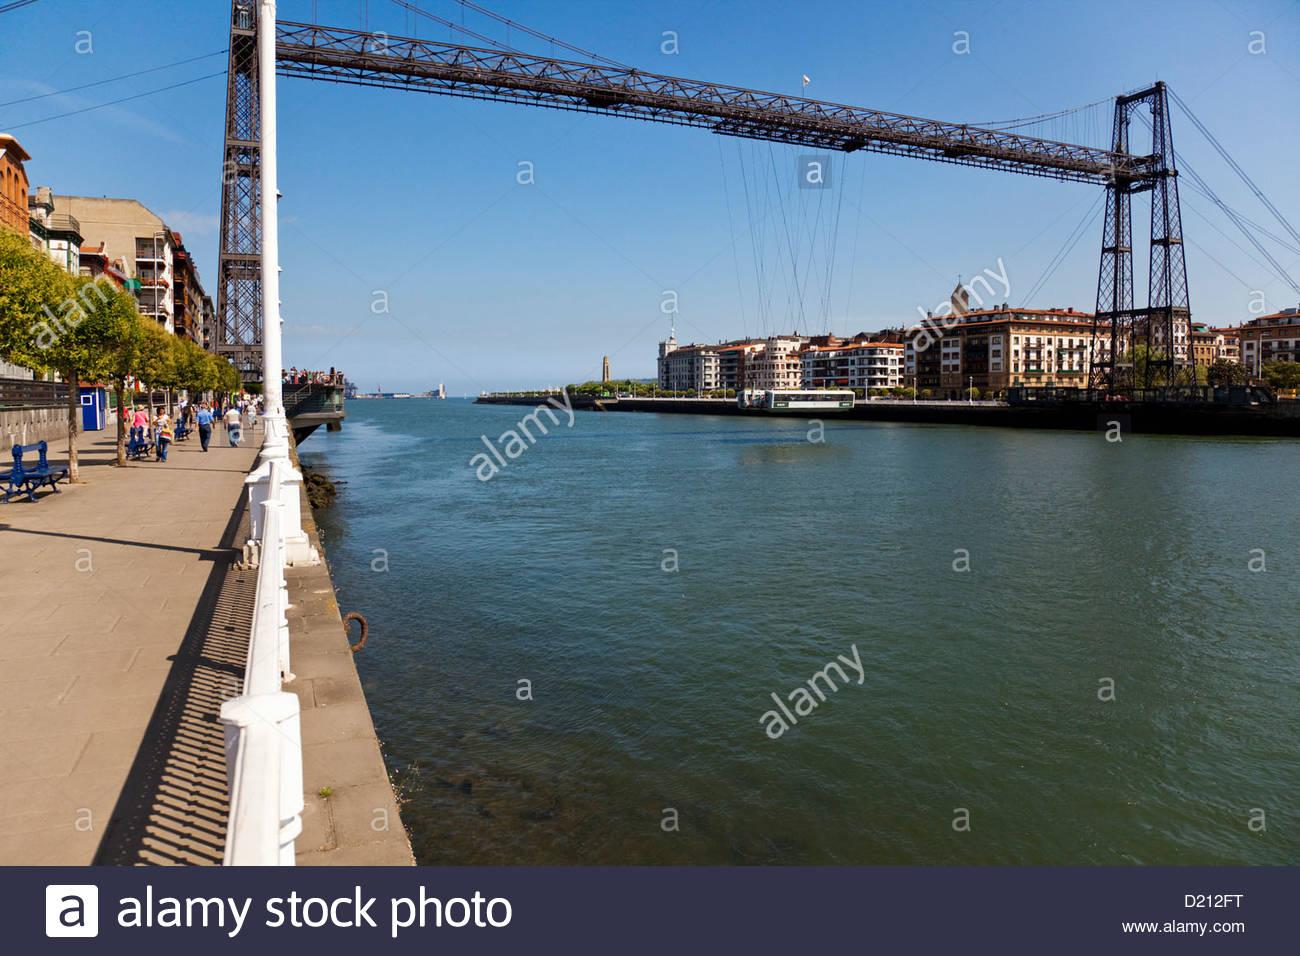 Puente Colgante, Puente Vizcaya Patrimonio de la Humanidad above the den Rio Nervion river connecting verbindet Stock Photo